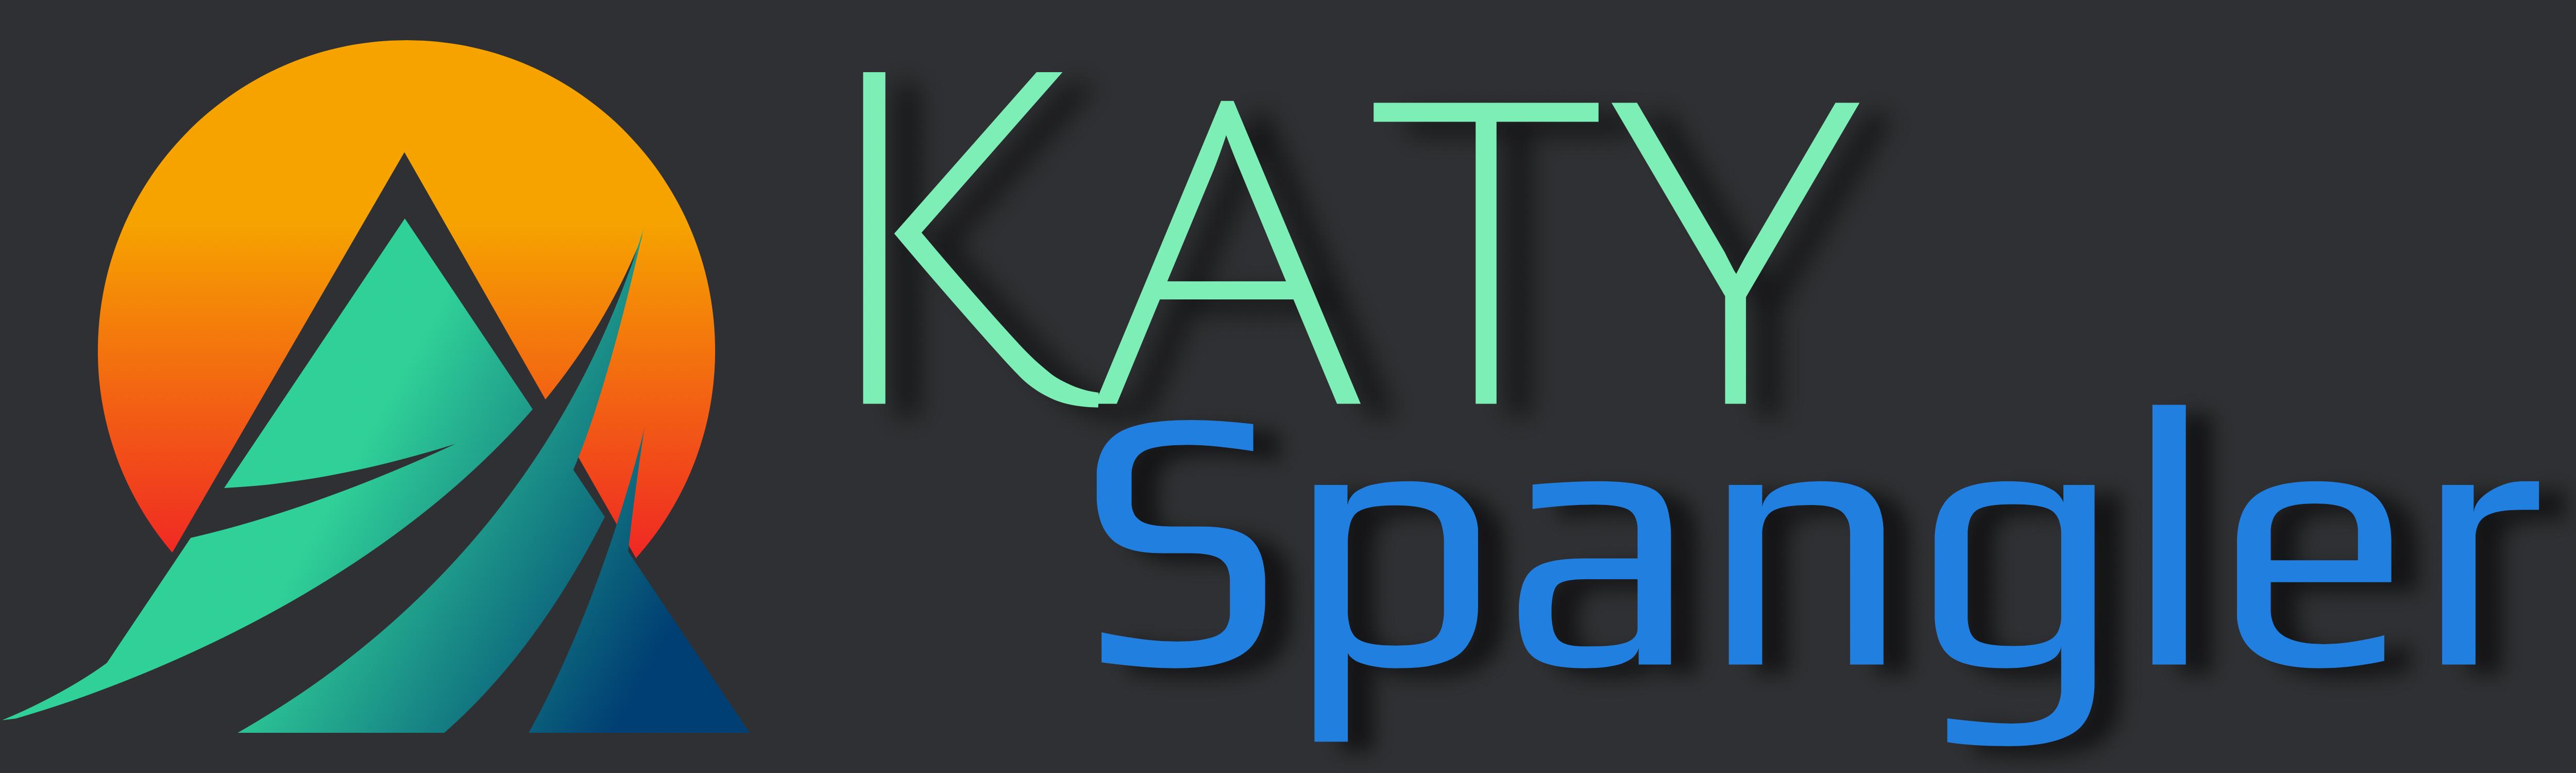 Katy Spangler